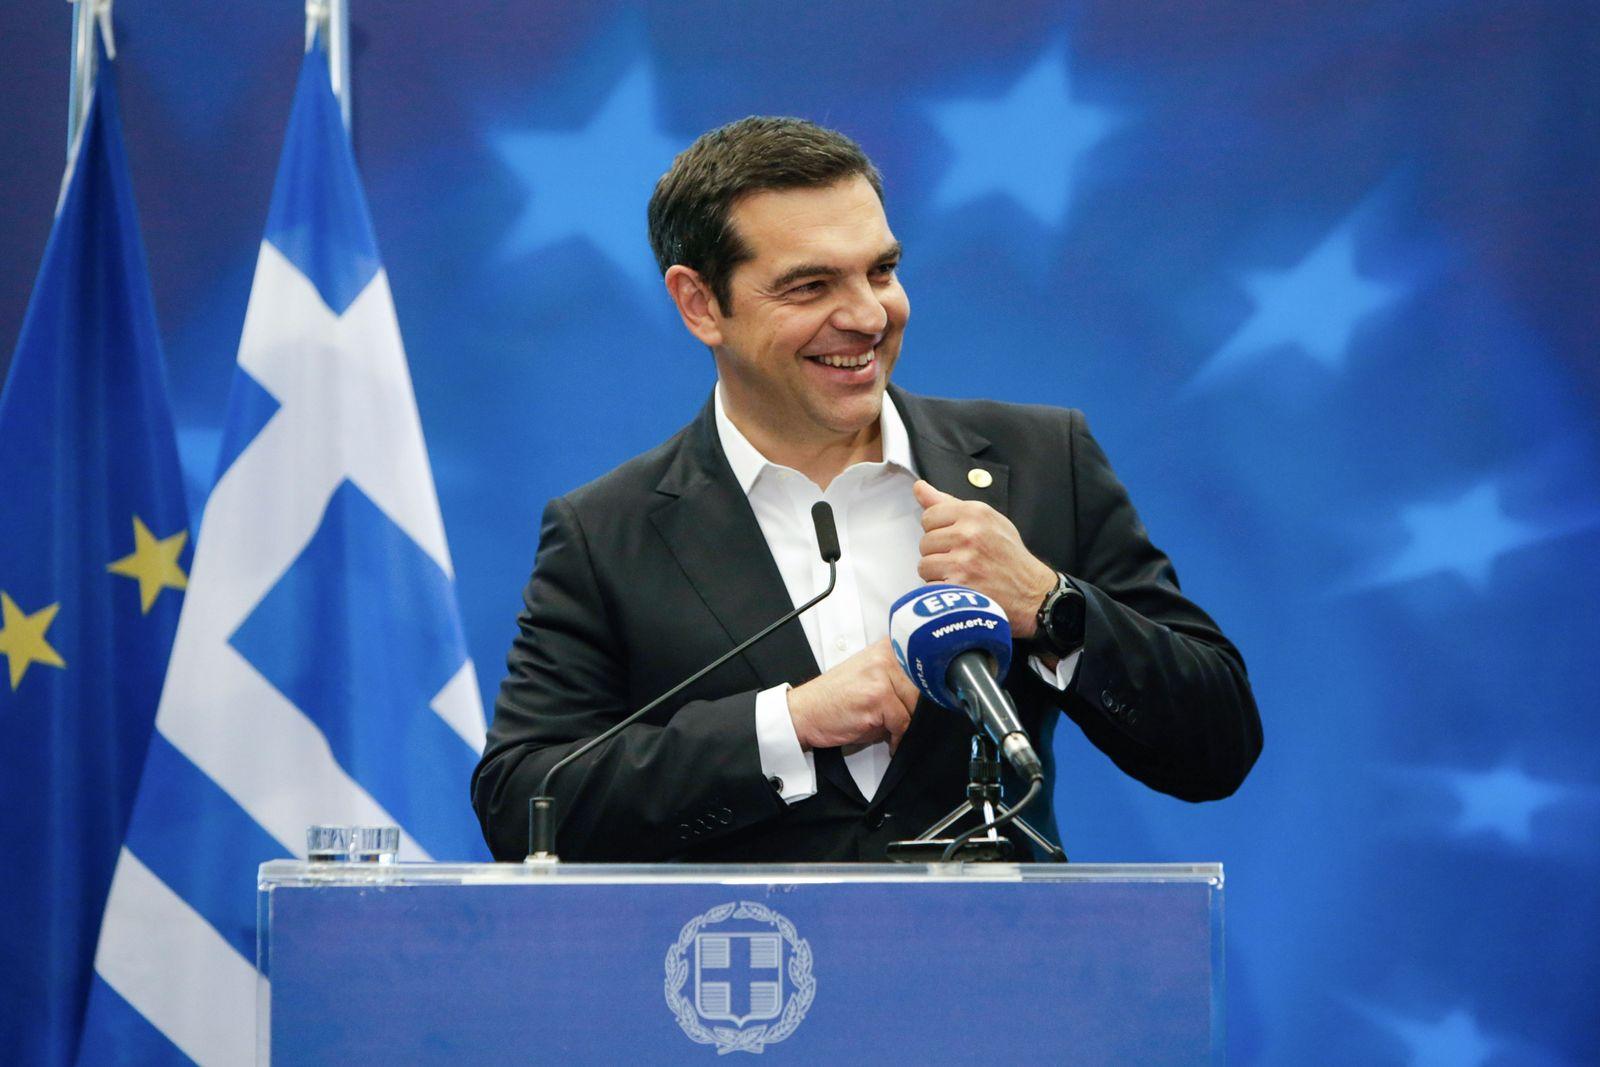 Griechenland / Alexis Tsipras